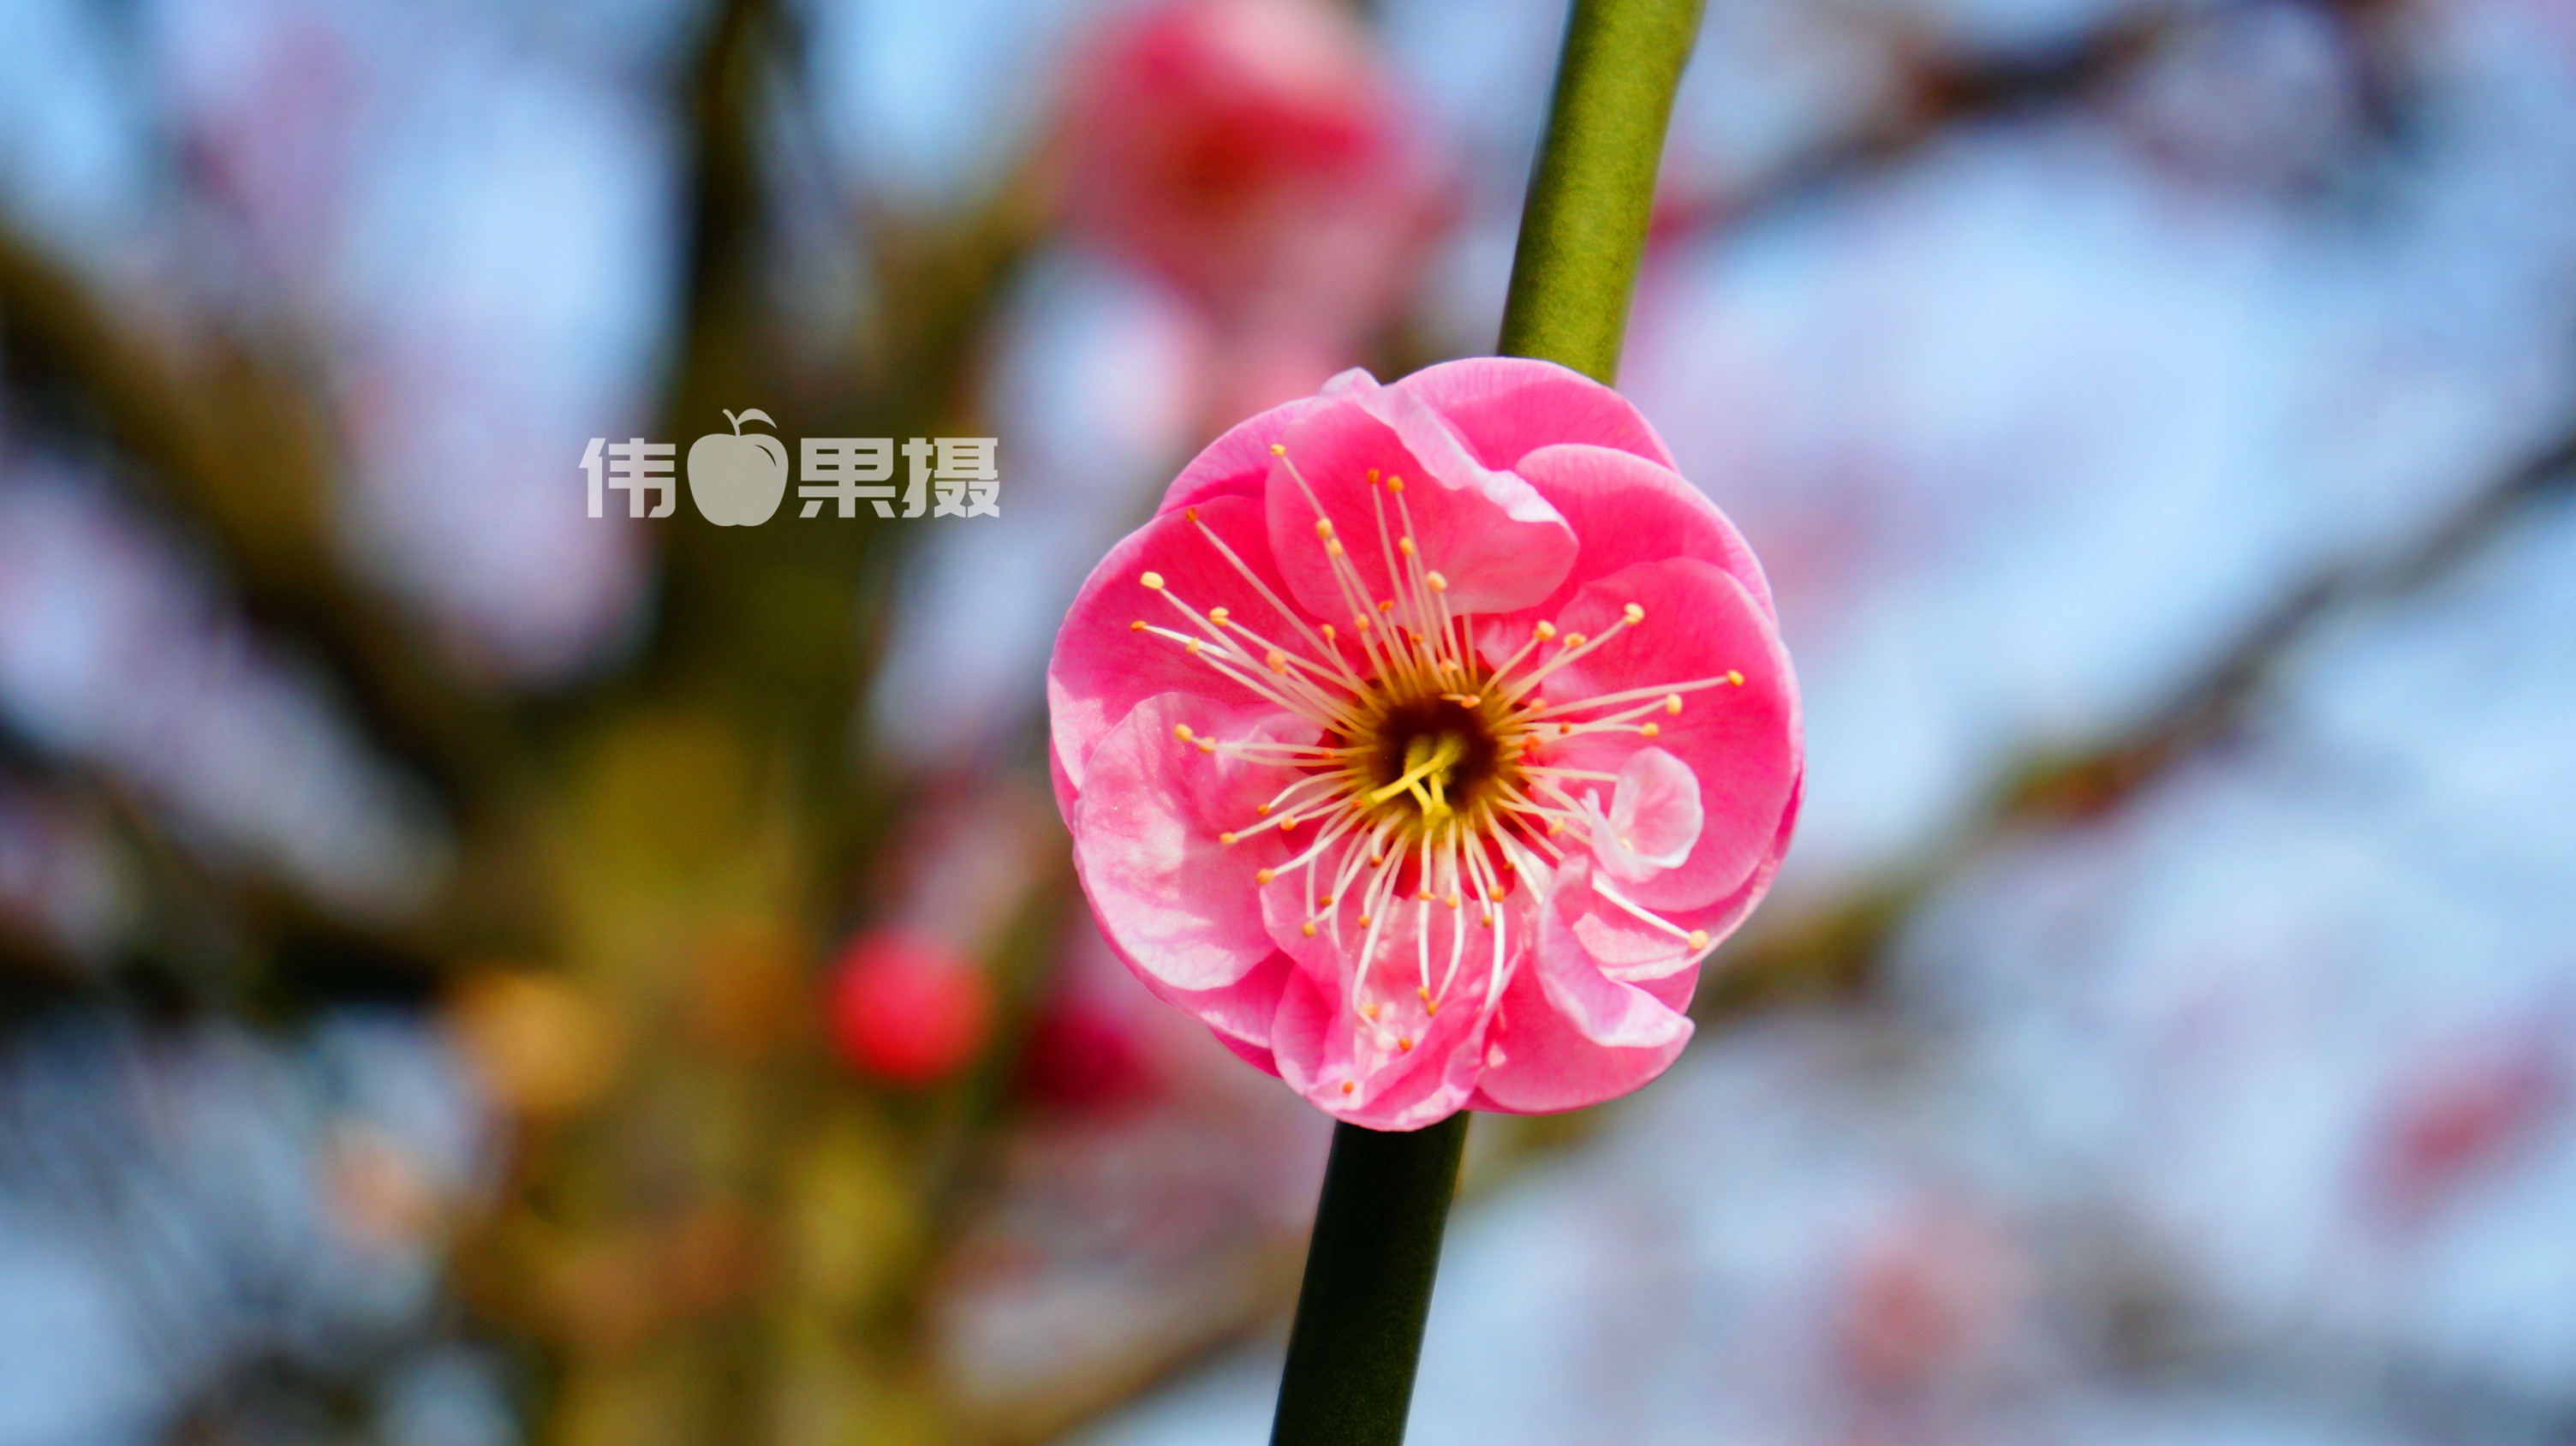 梅花图片 (4)_副本.jpg